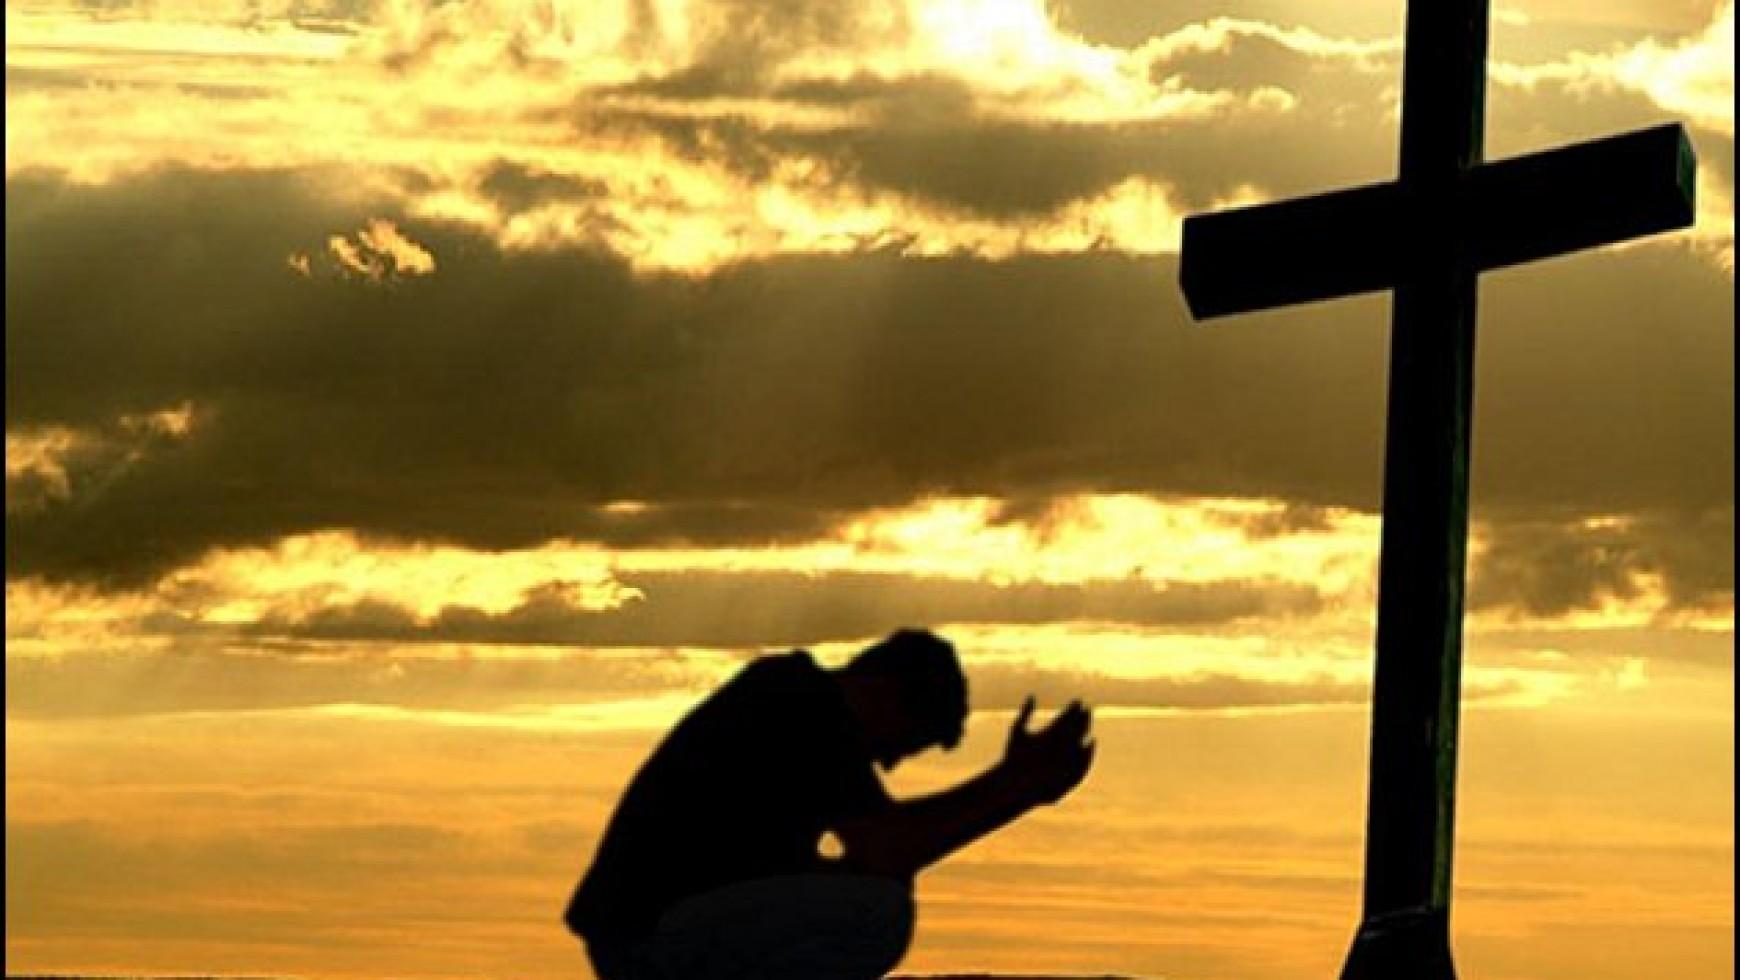 Predicacion: Espíritu Santo, una promesa (08/07/2012)